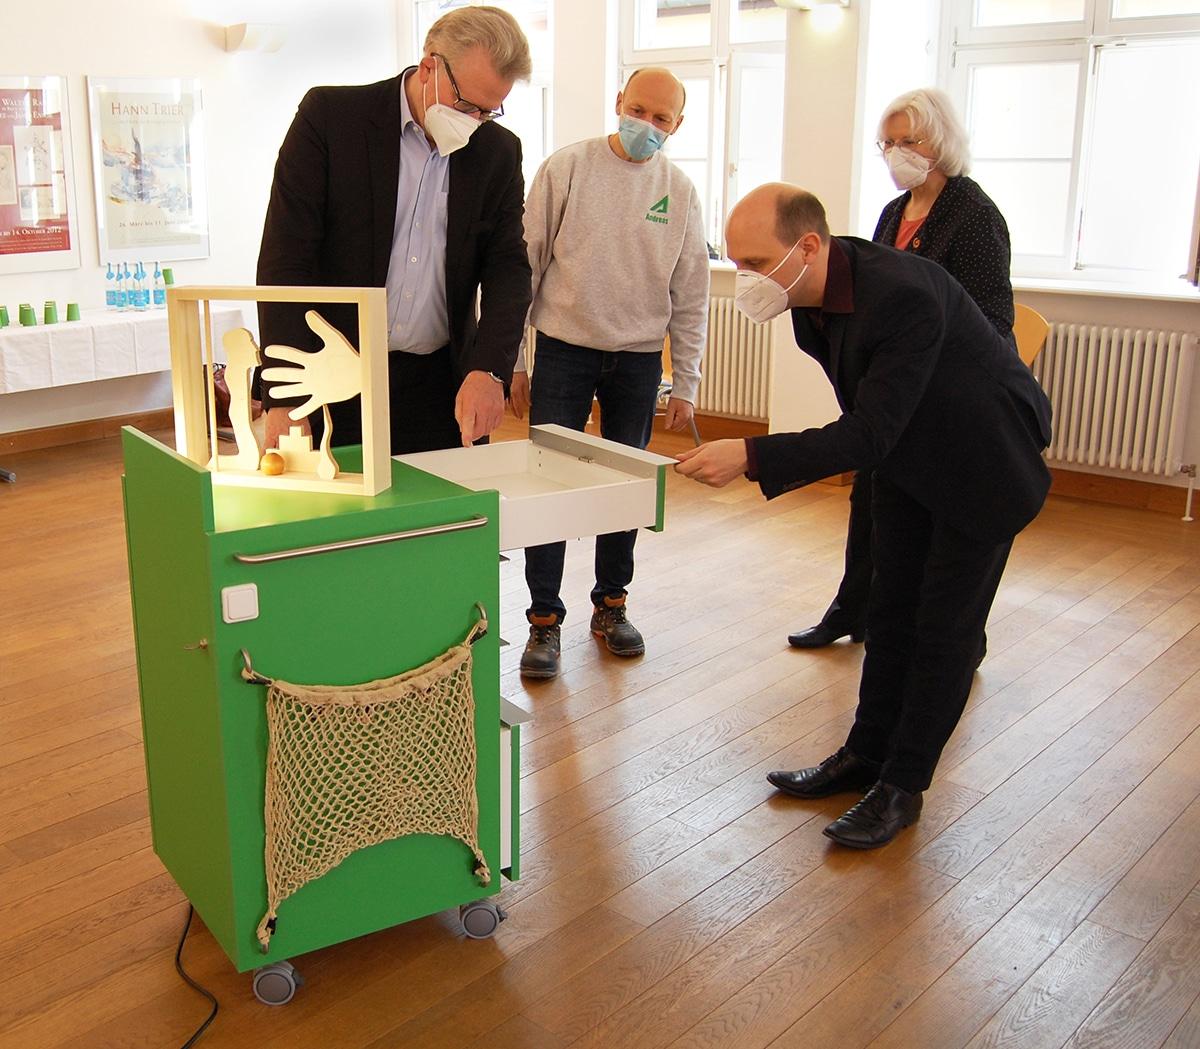 Oberbürgermeister Thomas Ebersberger (links) und Kulturreferent Benedikt Stegmayer erkunden den neuen Inklusions-Trolley für das Kunstmuseum. Museumsleiterin Dr. Marina von Assel und Schreiner Andreas Angermann erklären die einzelnen Funktionen.